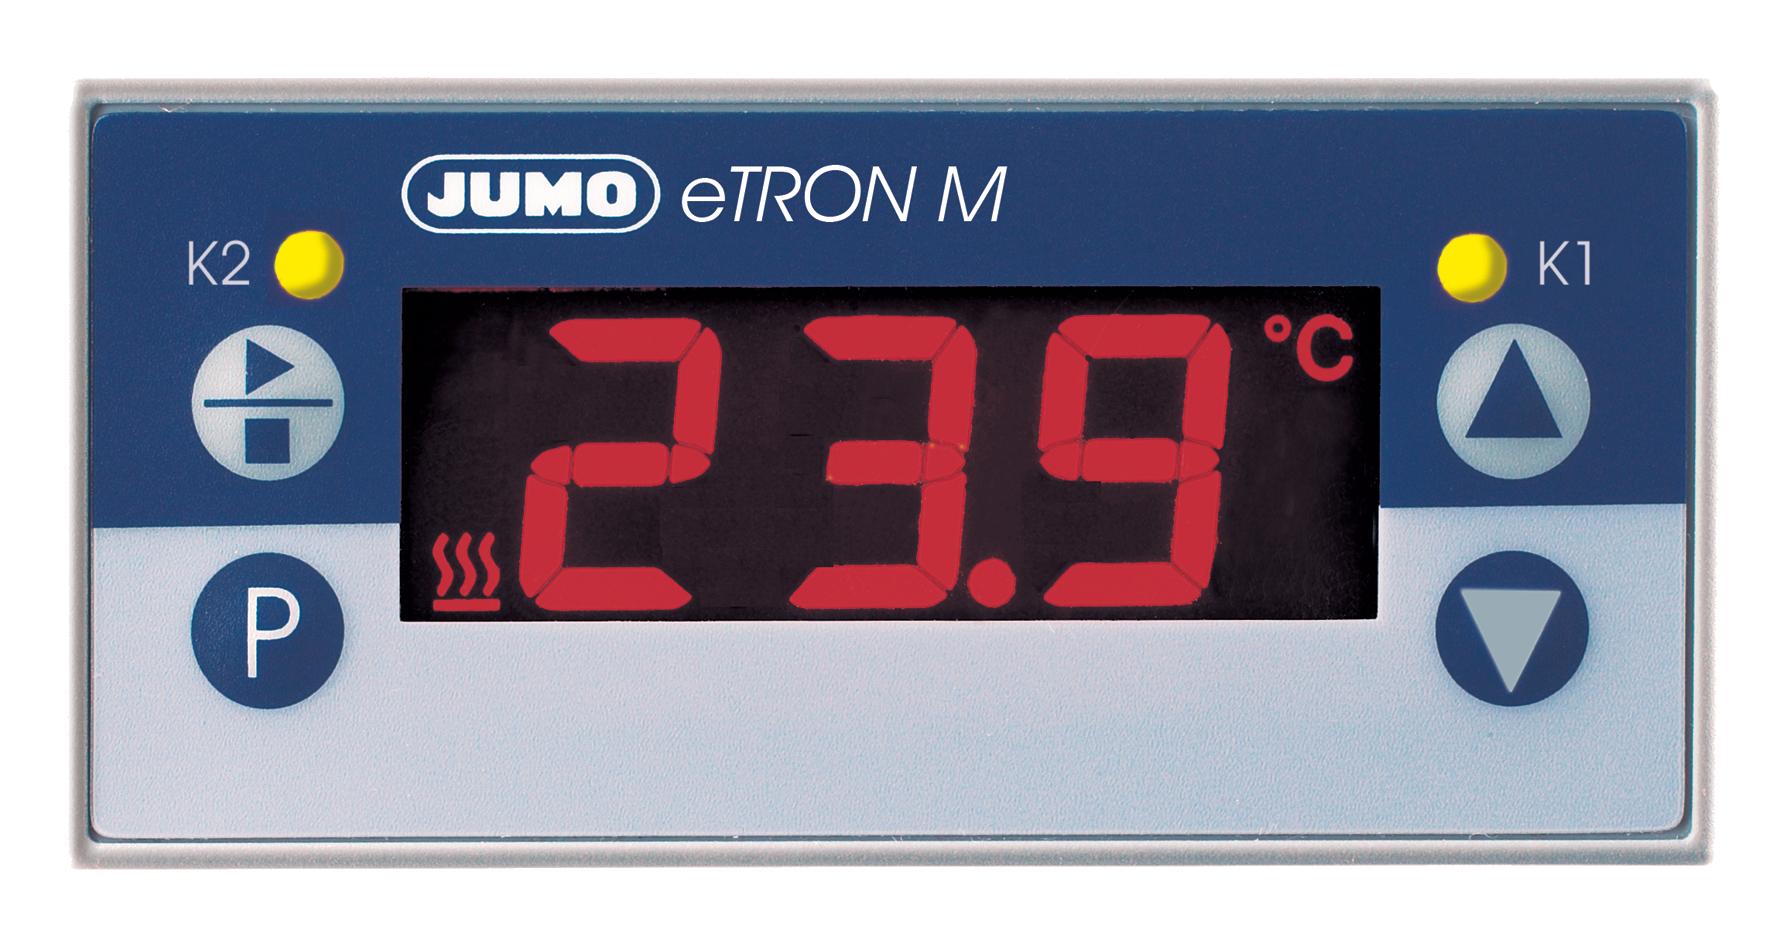 JUMO eTRON M